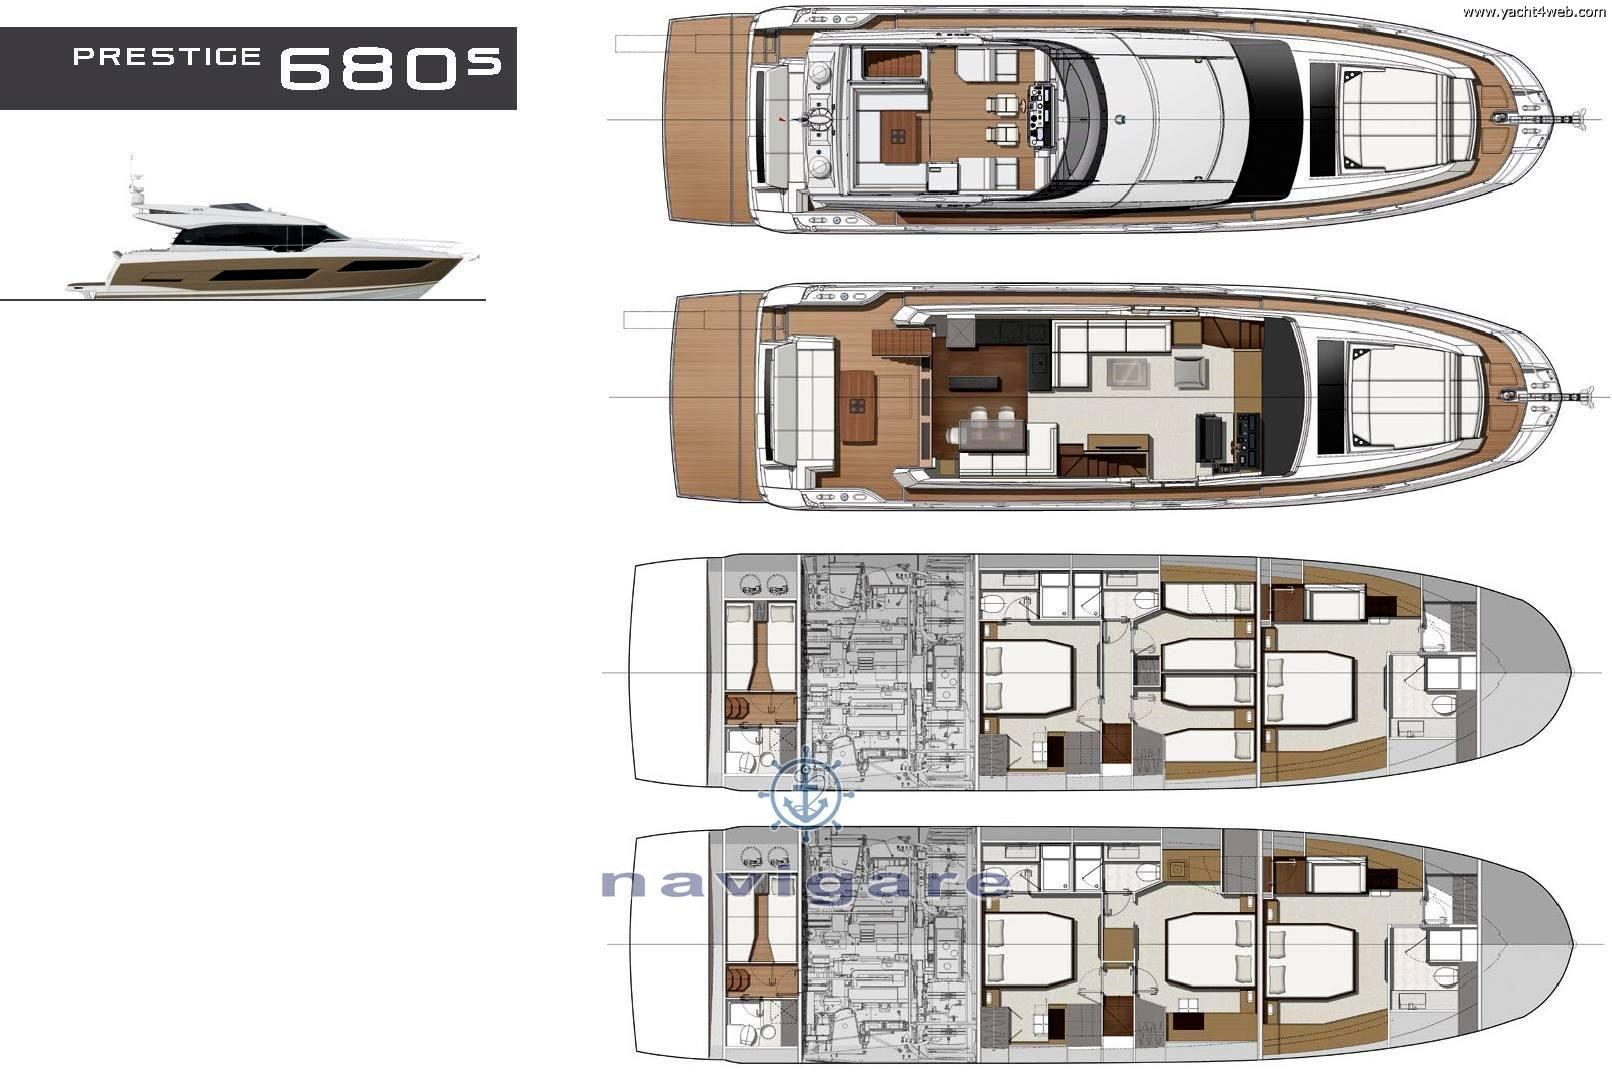 Prestige 680 s nuovo